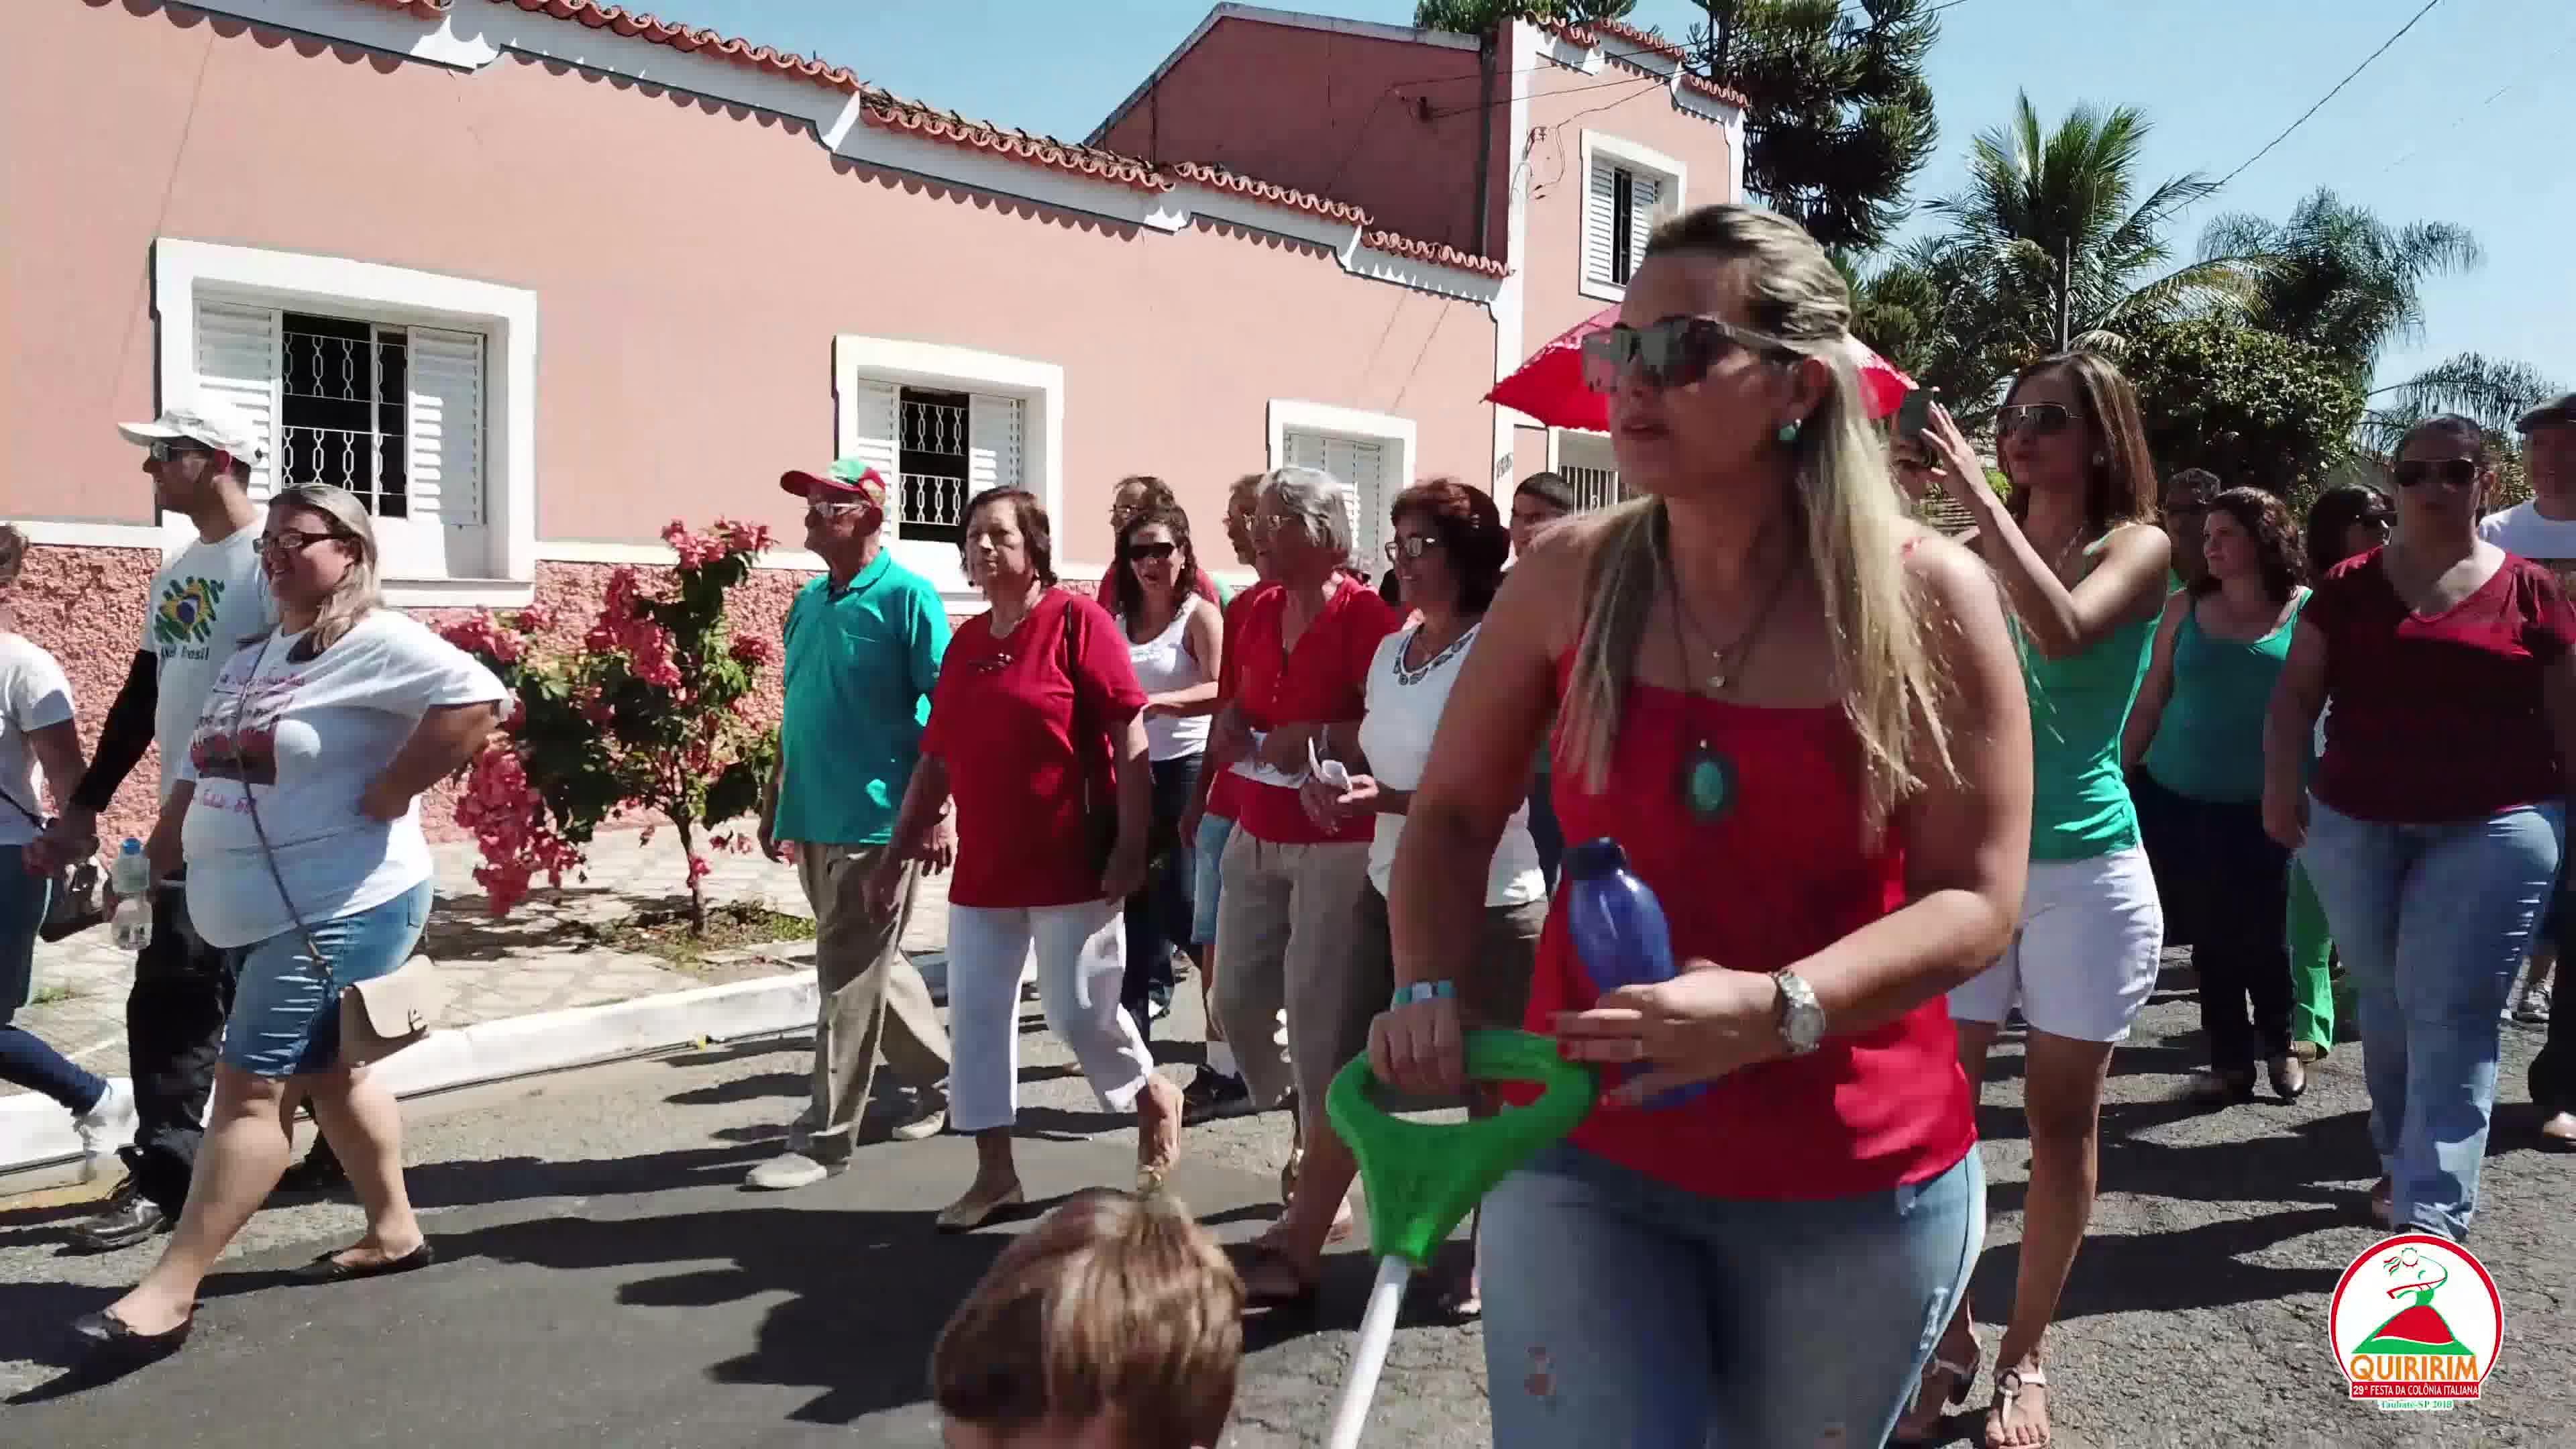 Tradicional Desfile da Imigração Italiana de Quiririm.